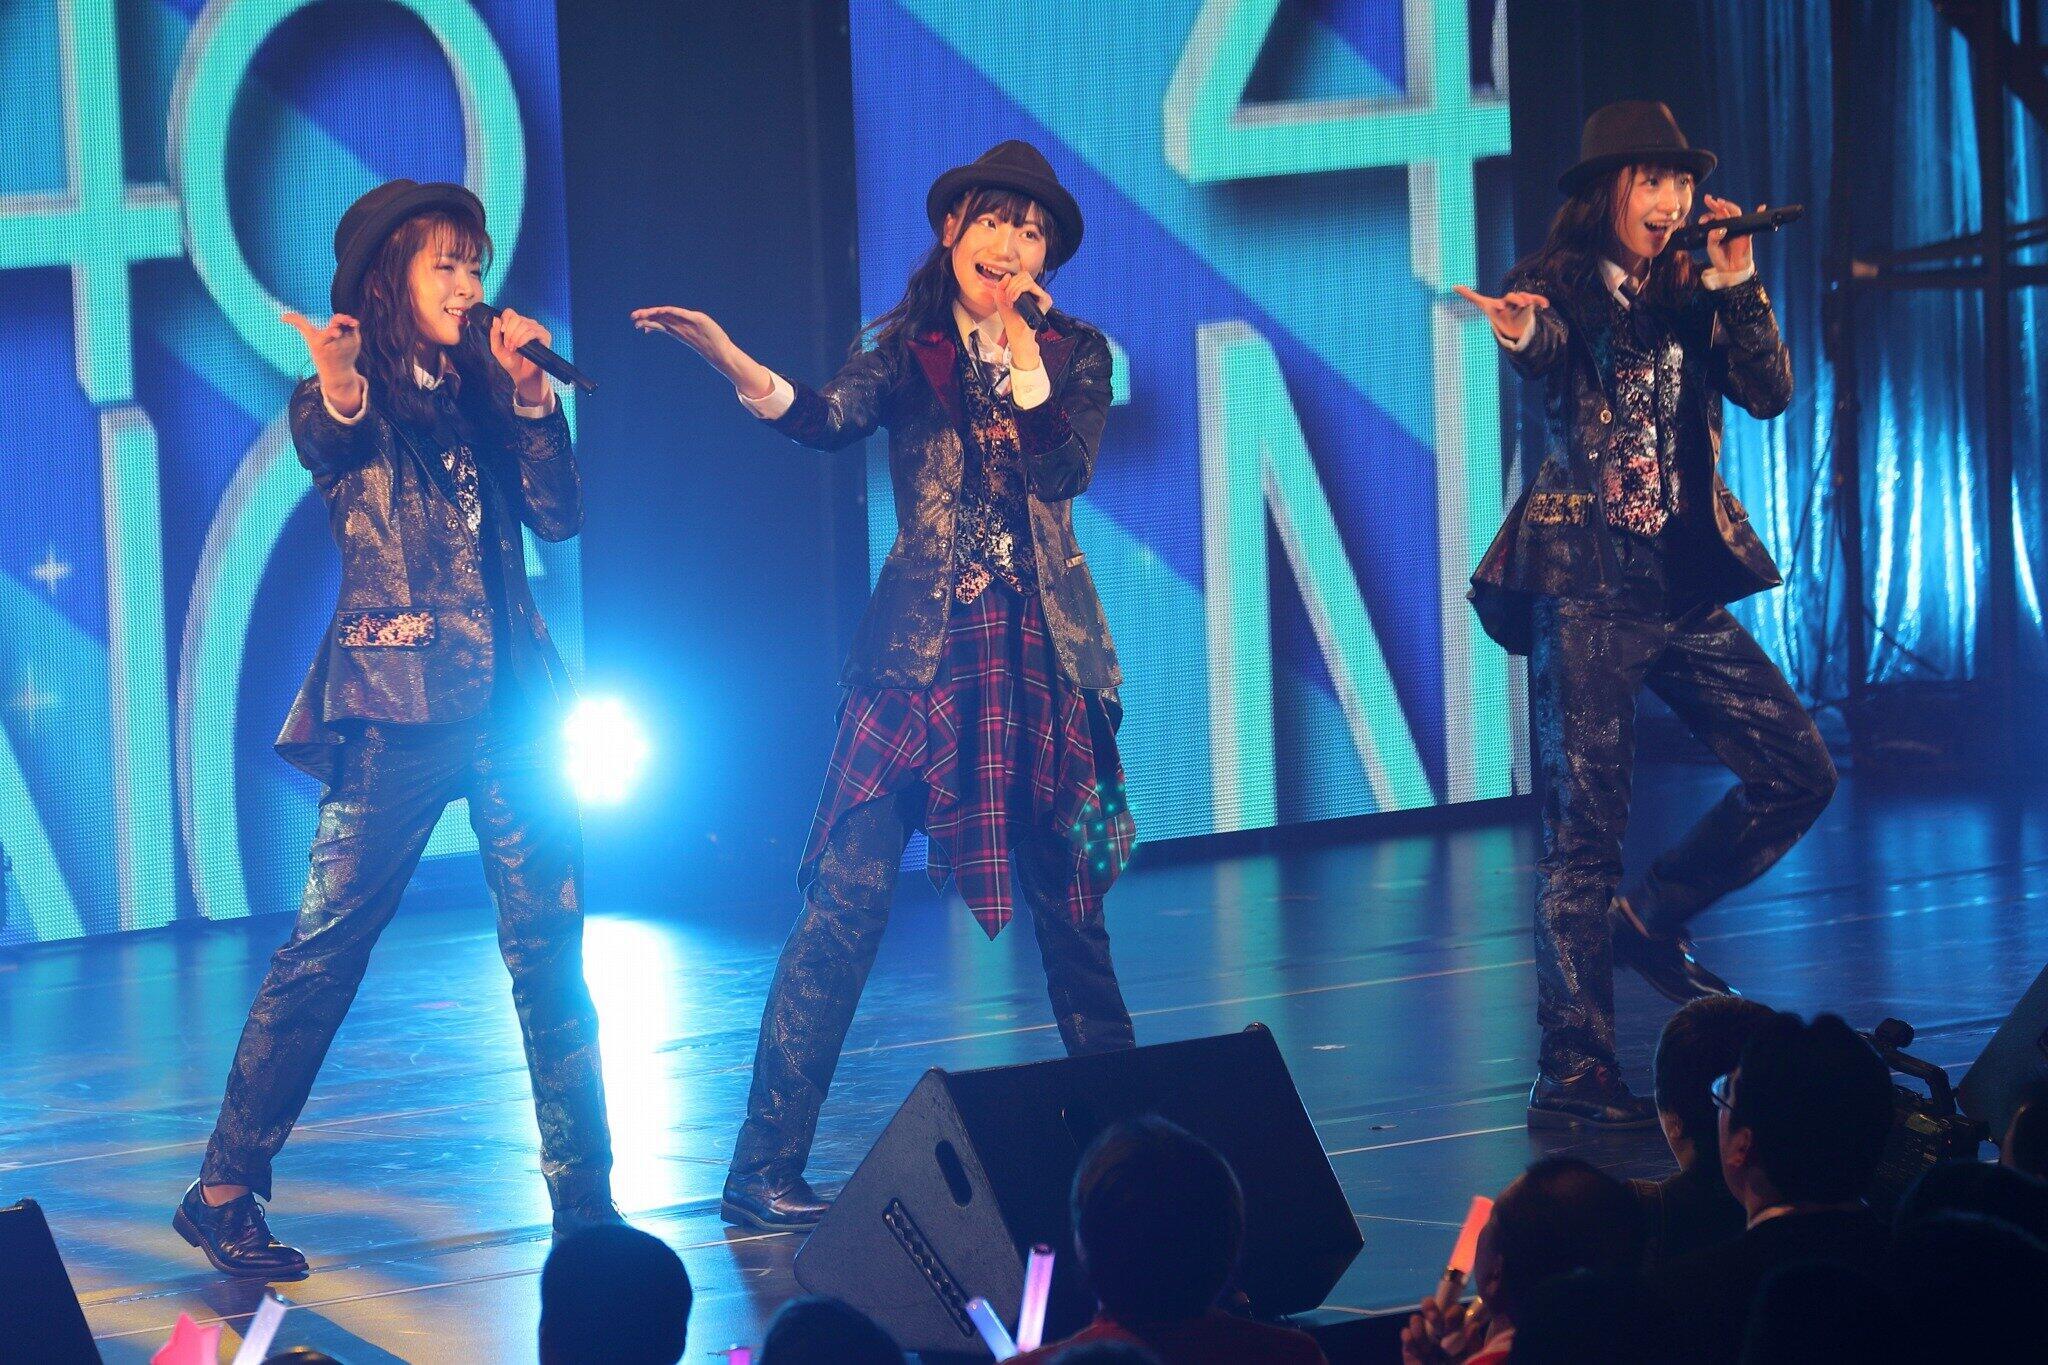 NGT48、初の「新潟市出身」センターで誓う再出発 1年9カ月ぶり新曲、陣容の意味は